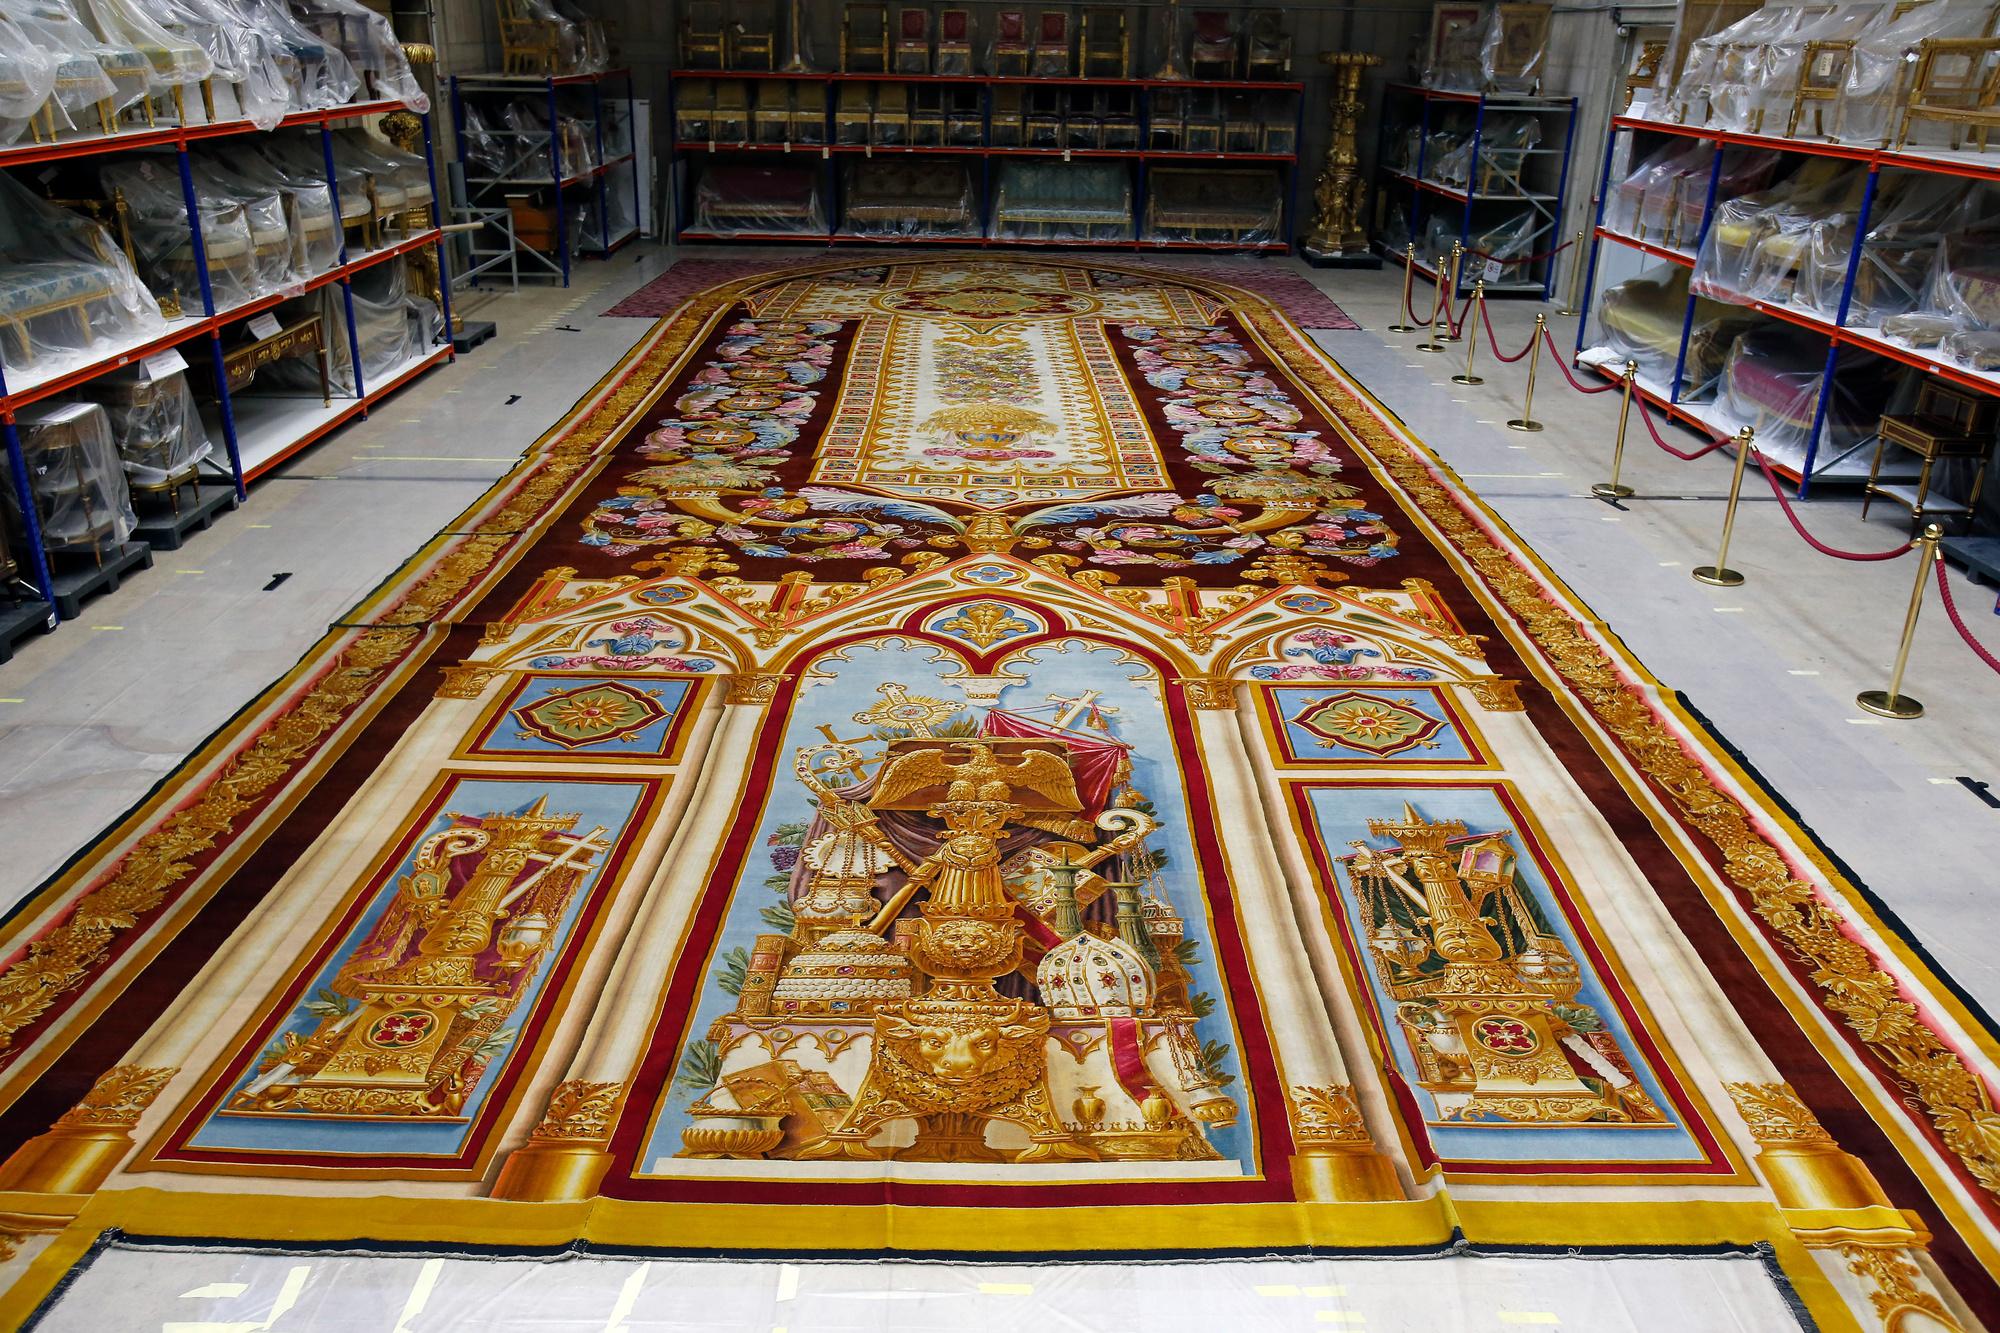 Tapis de Notre Dame, restauré après l'incendie, Getty Images